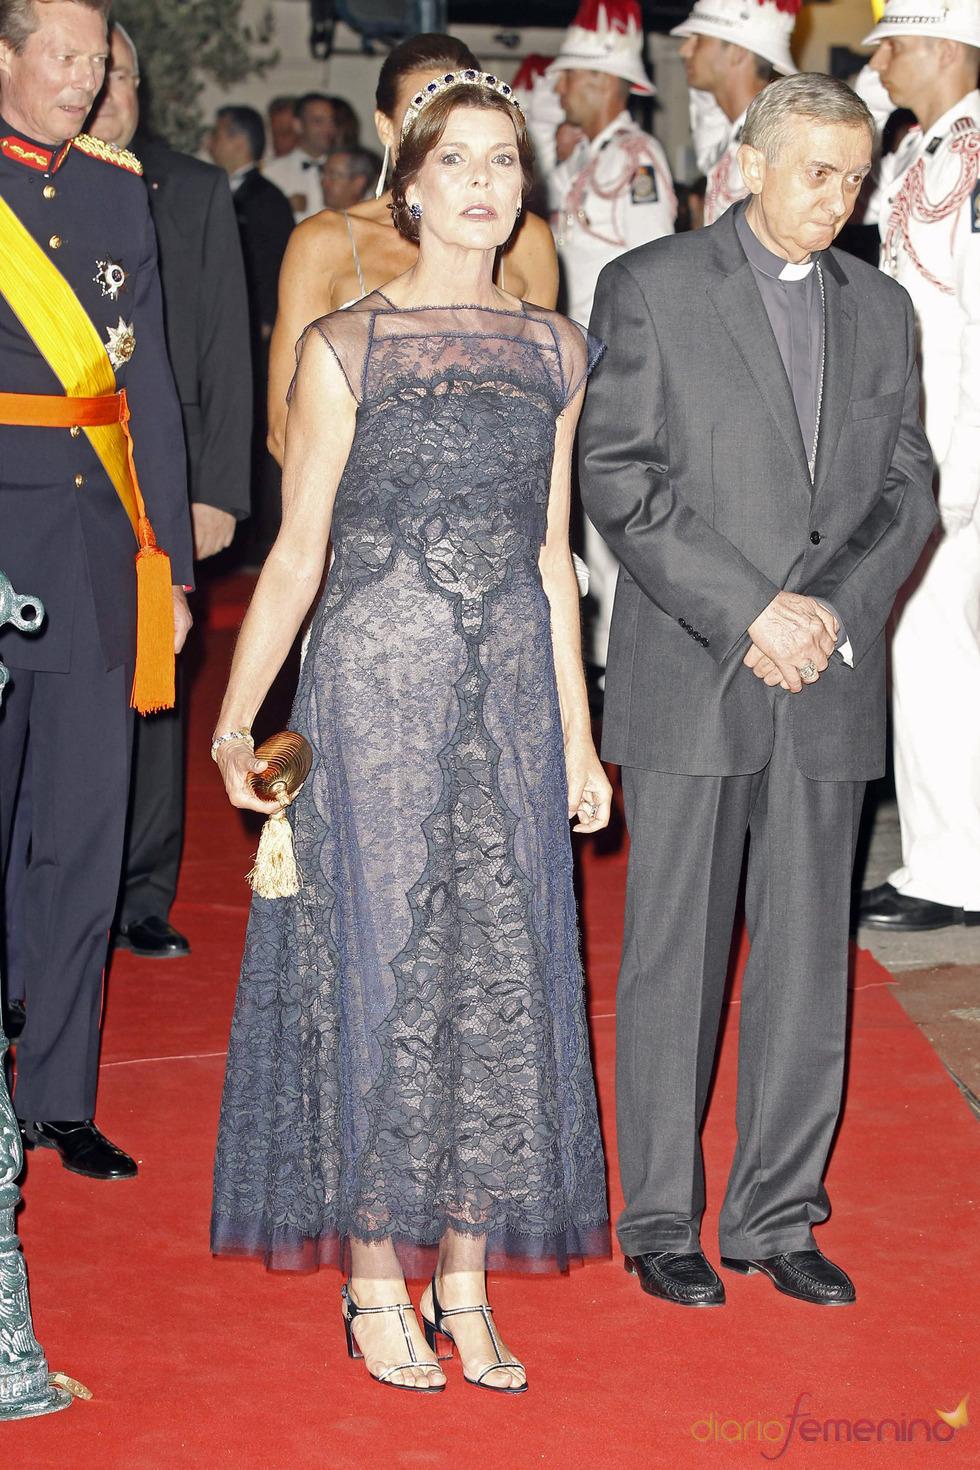 Carolina de Mónaco la cena de gala de la Boda Real de Mónaco